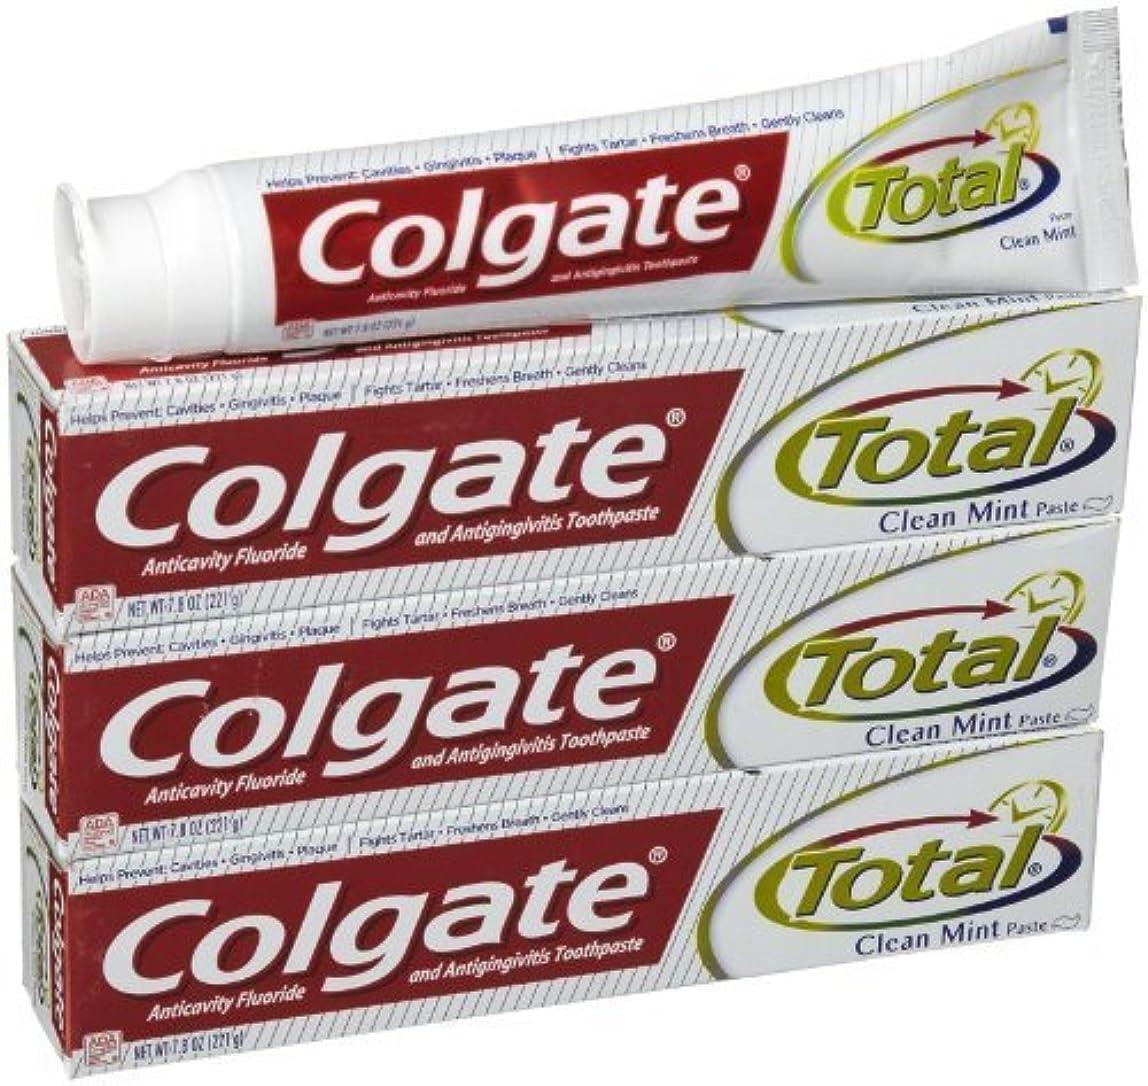 検体ブラスト前売コルゲート クリーンミント 歯磨き粉 7.8OZ-3個 Colgate Total Original Toothpast Clean mint